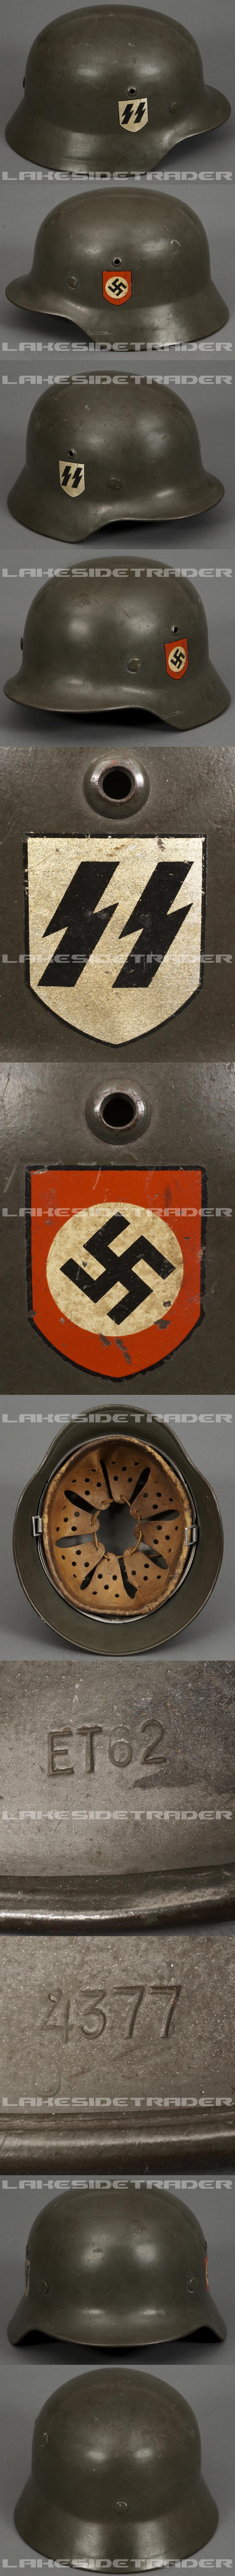 A Steel Helmet M35 Waffen SS Double Decal